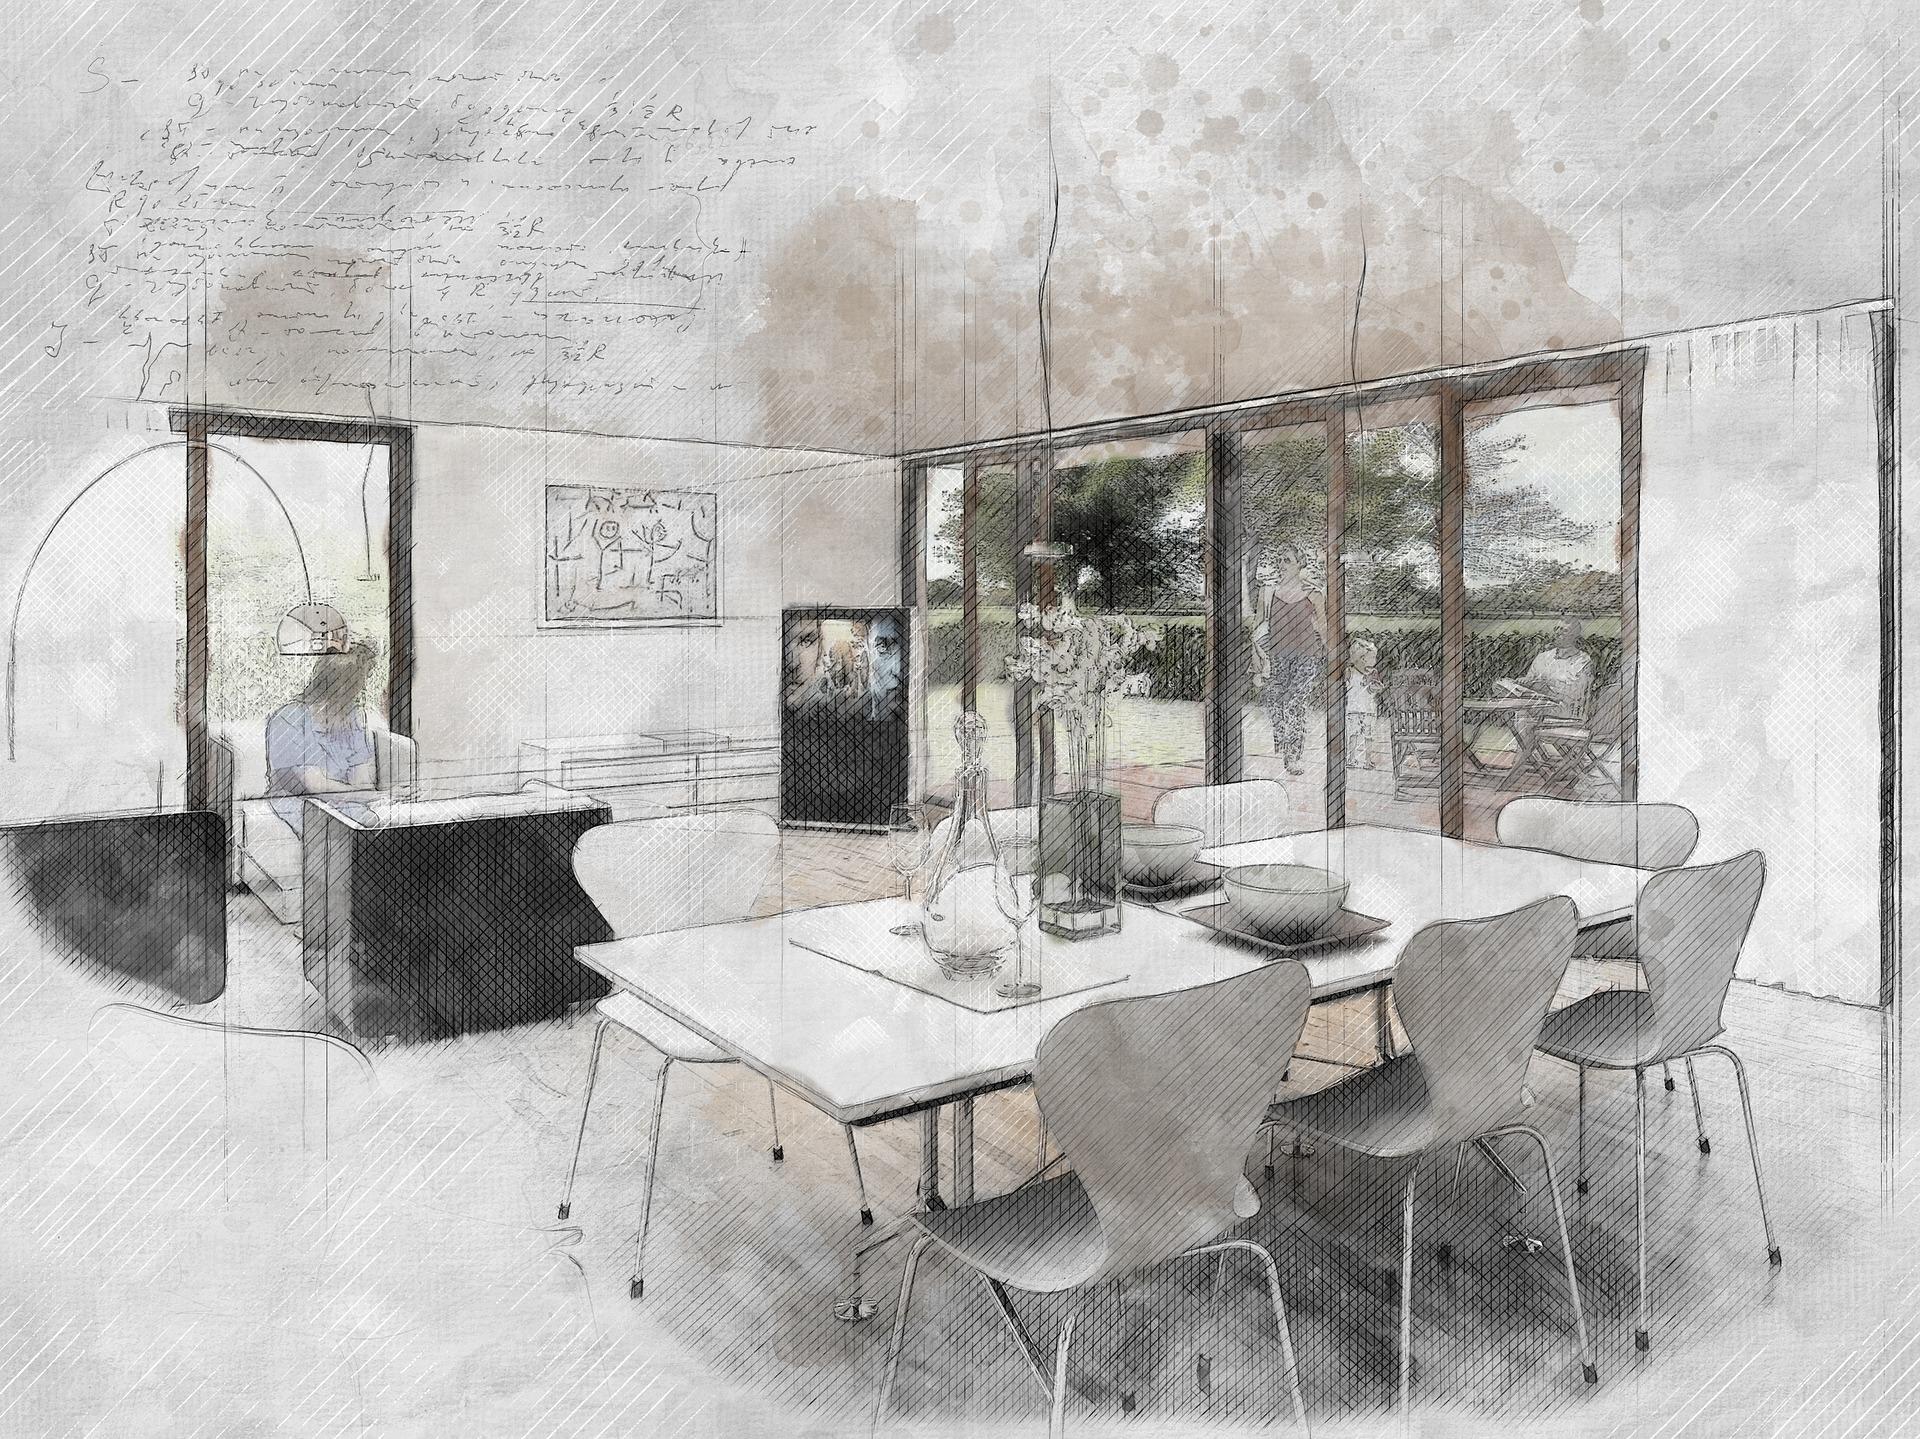 interior-1753743_1920.jpg